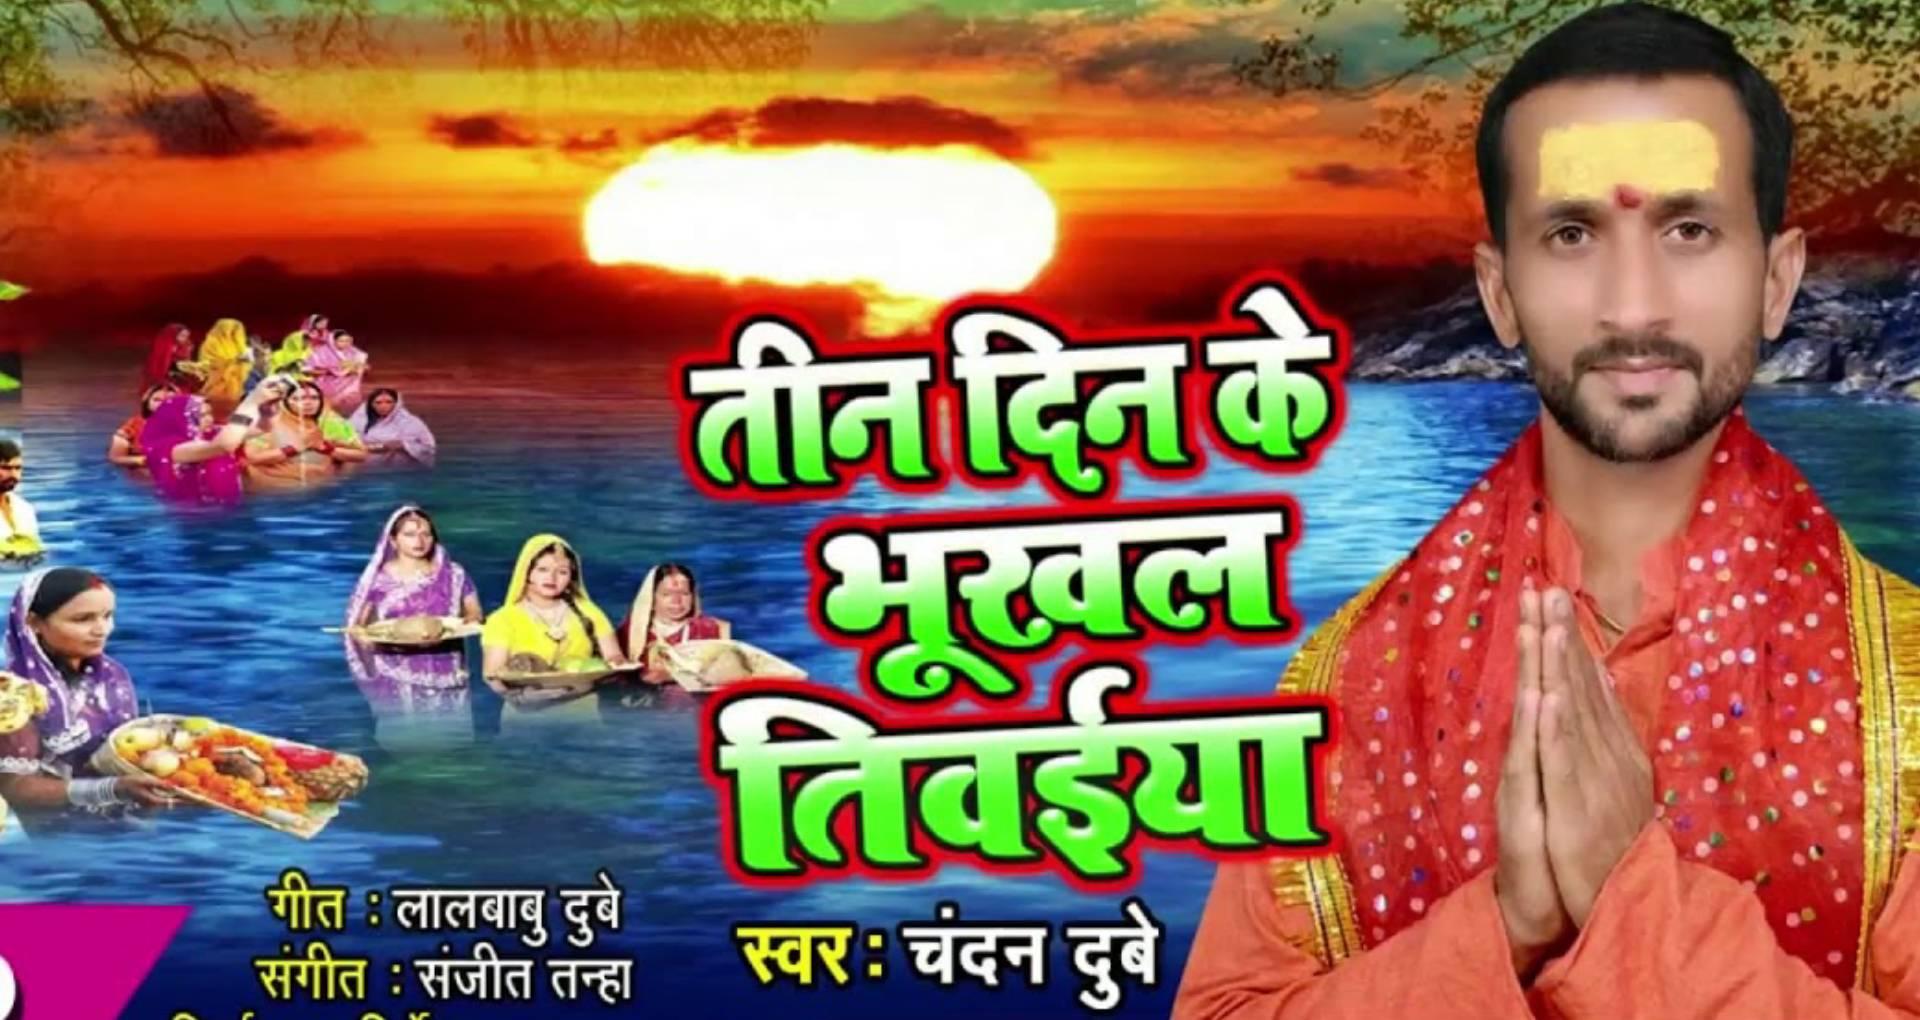 Chhath Puja 2019 Bhojpuri Song: चंदन दुबे का नया छठ गीत लॉन्च, सुनकर आएगी घर की याद